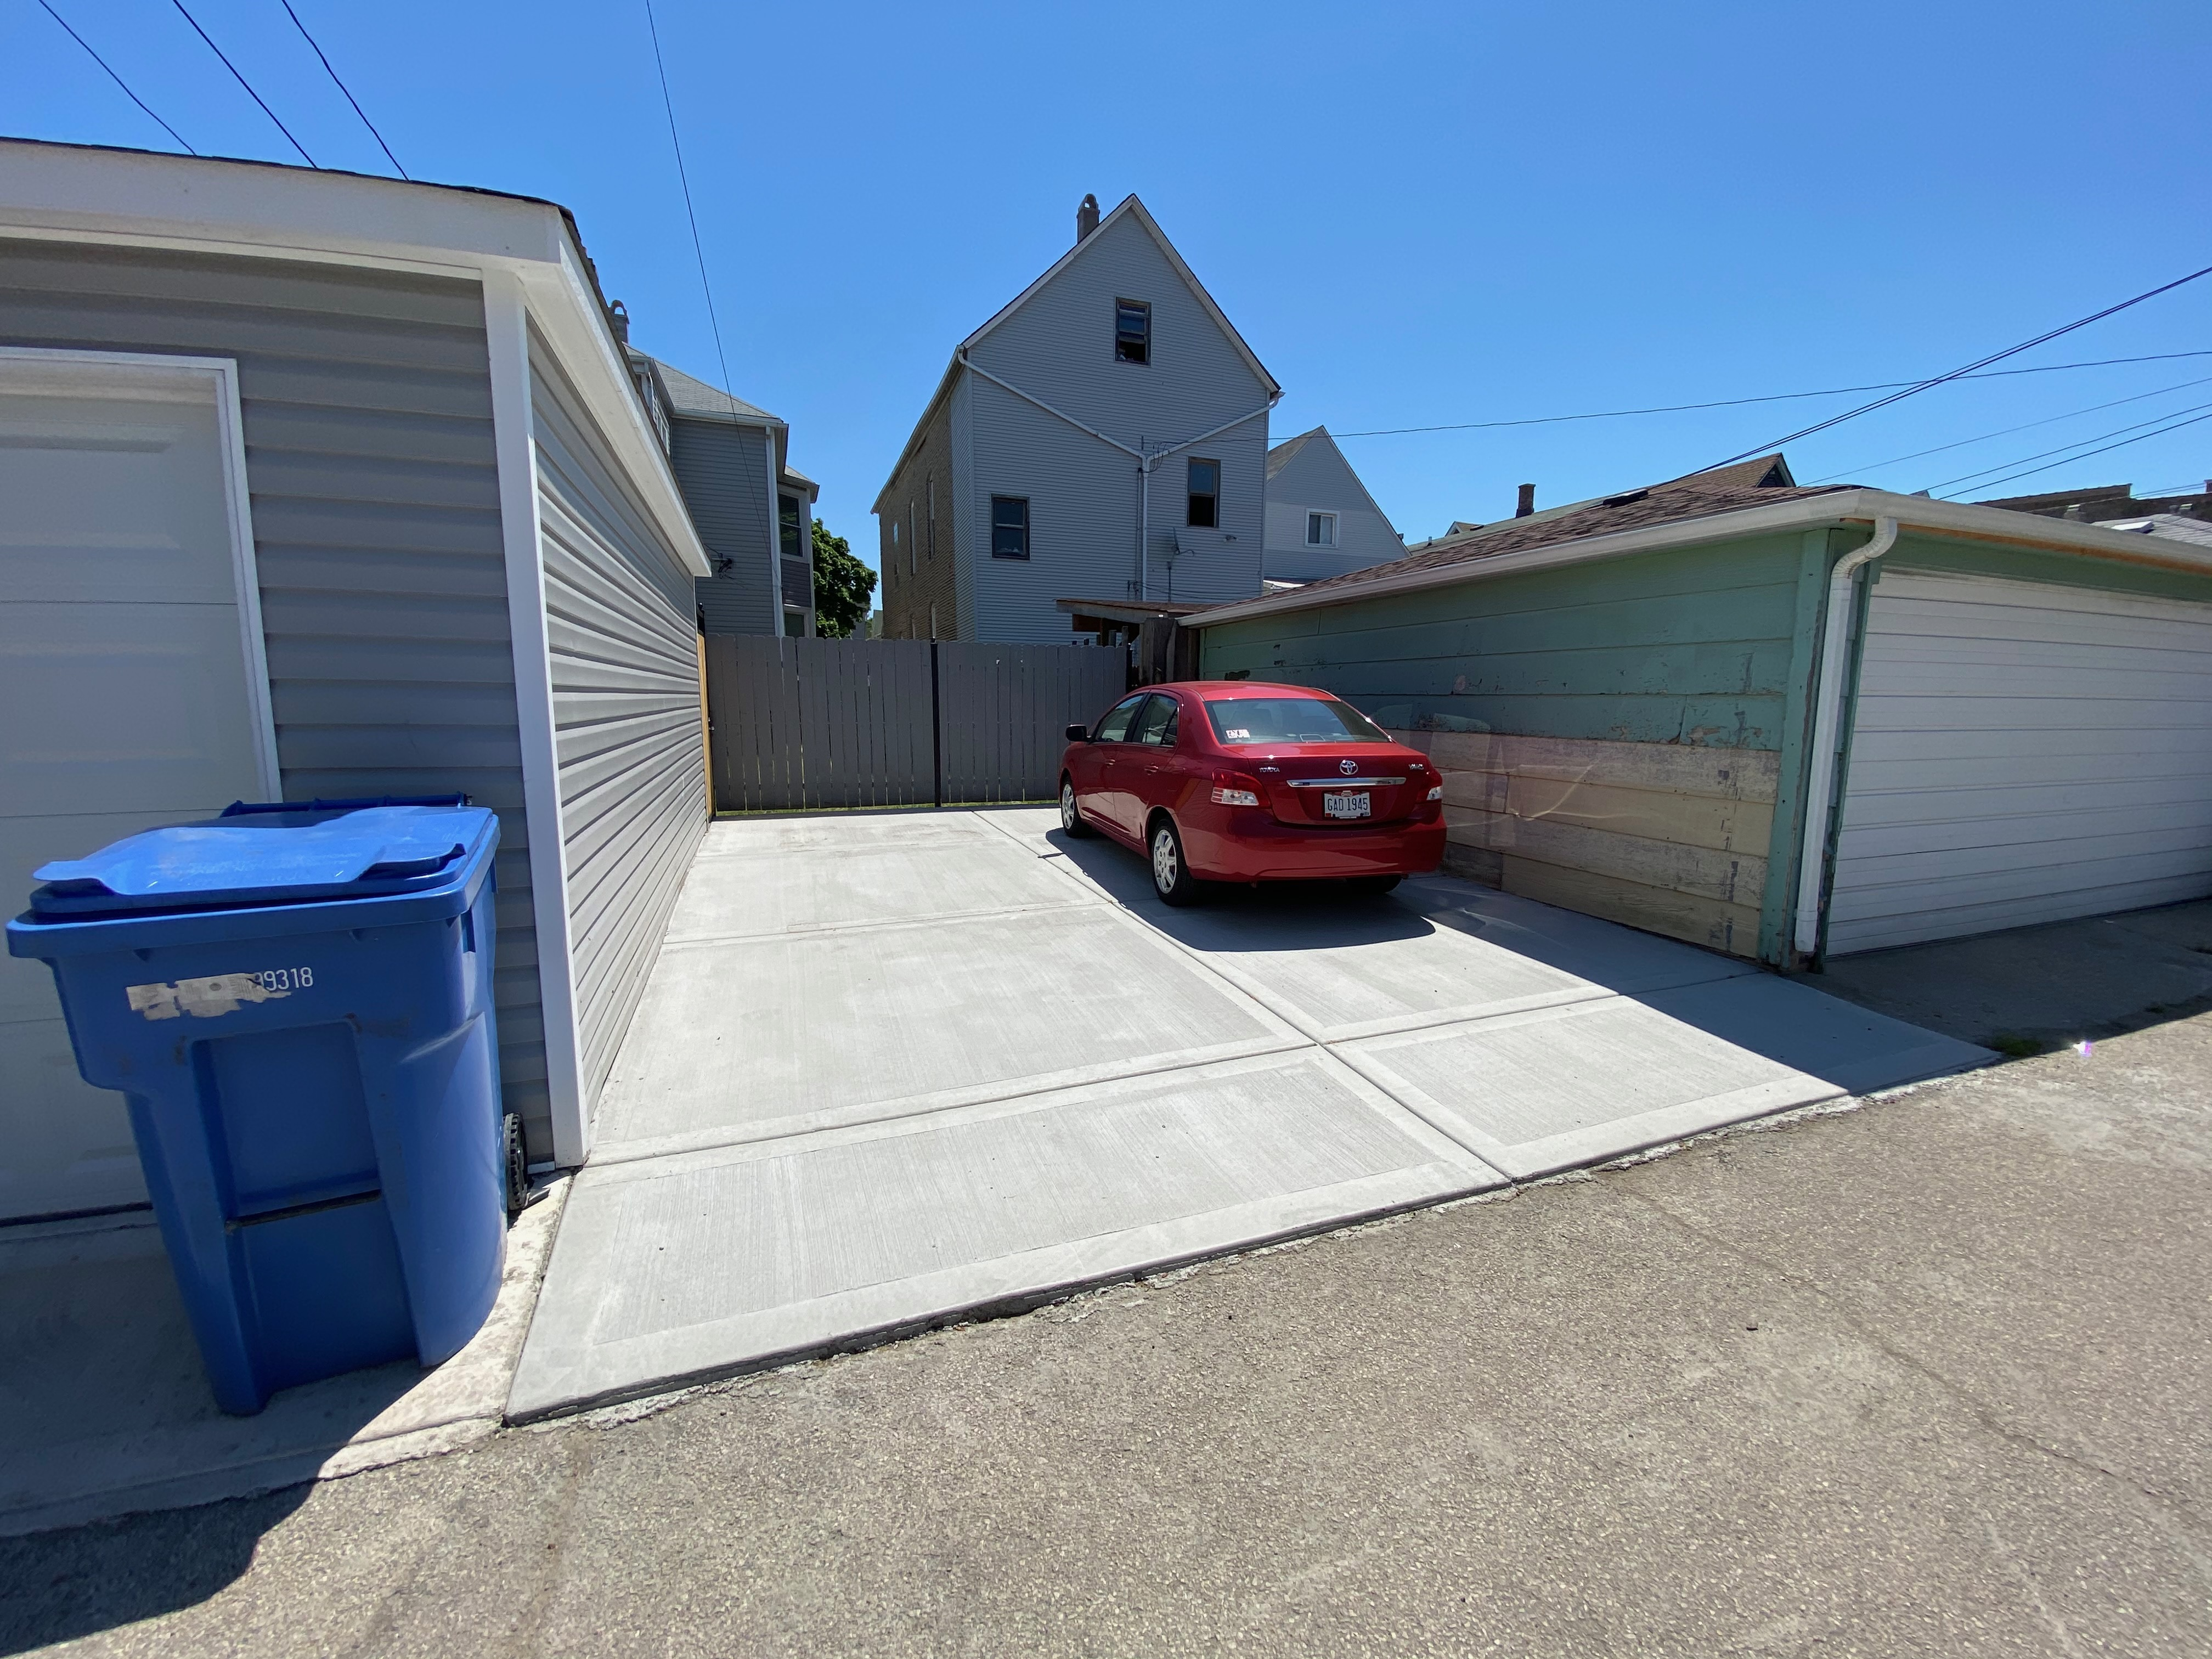 concrete parking pad